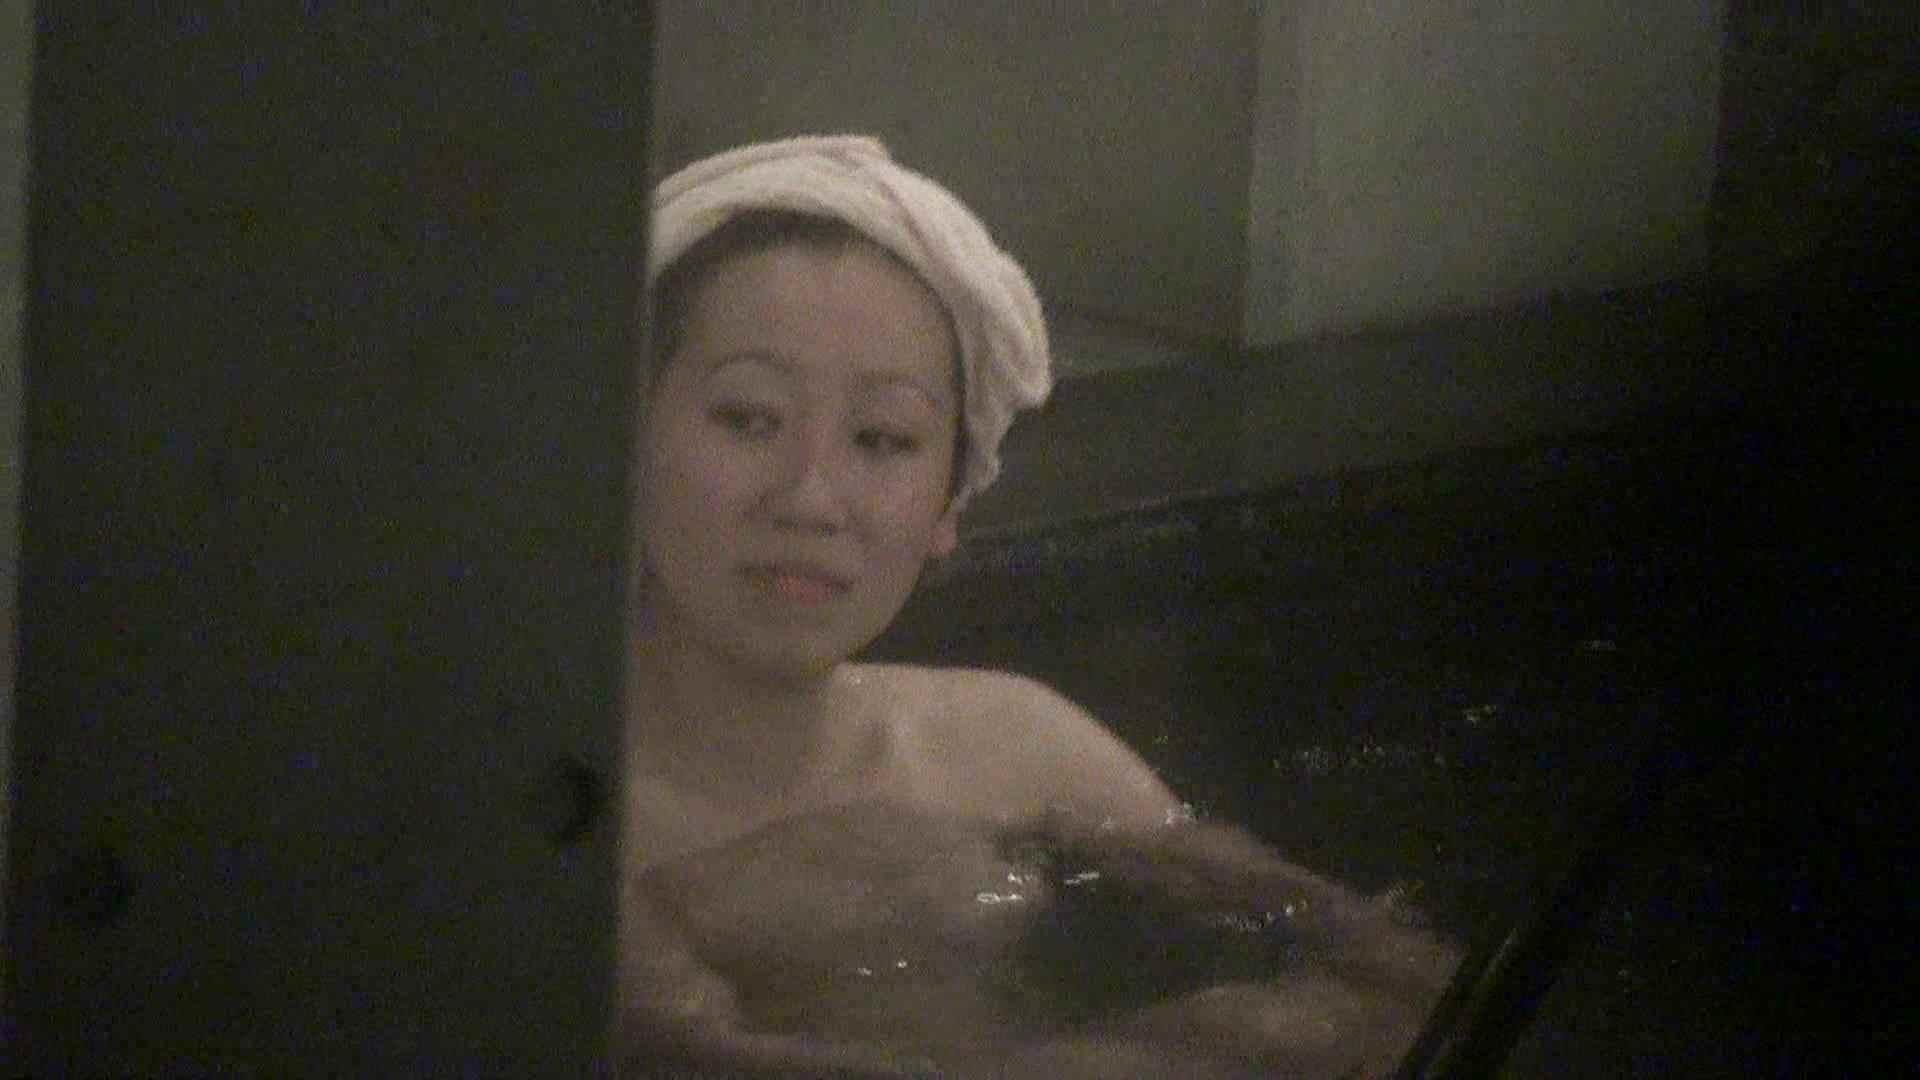 Aquaな露天風呂Vol.416 盗撮  52画像 18